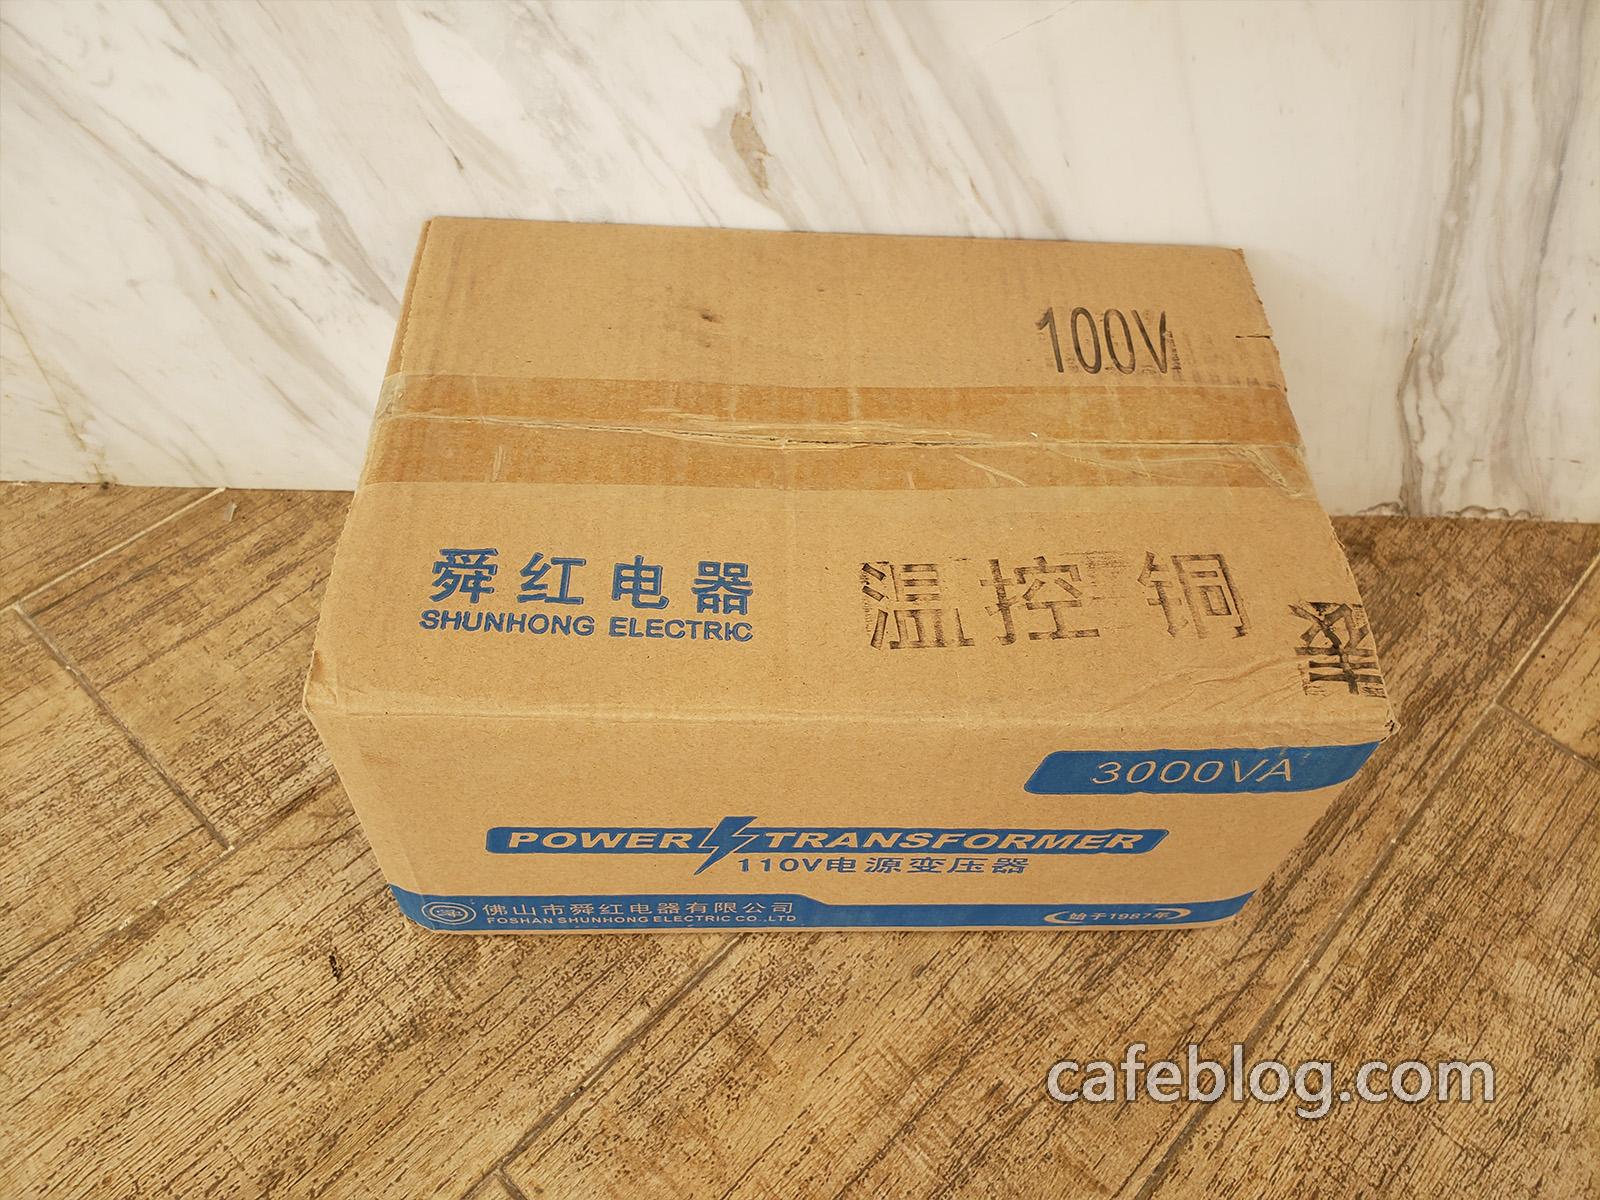 发了2箱DISCOVERY咖啡烘焙机和R-101咖啡烘焙机(1公斤)的配件。